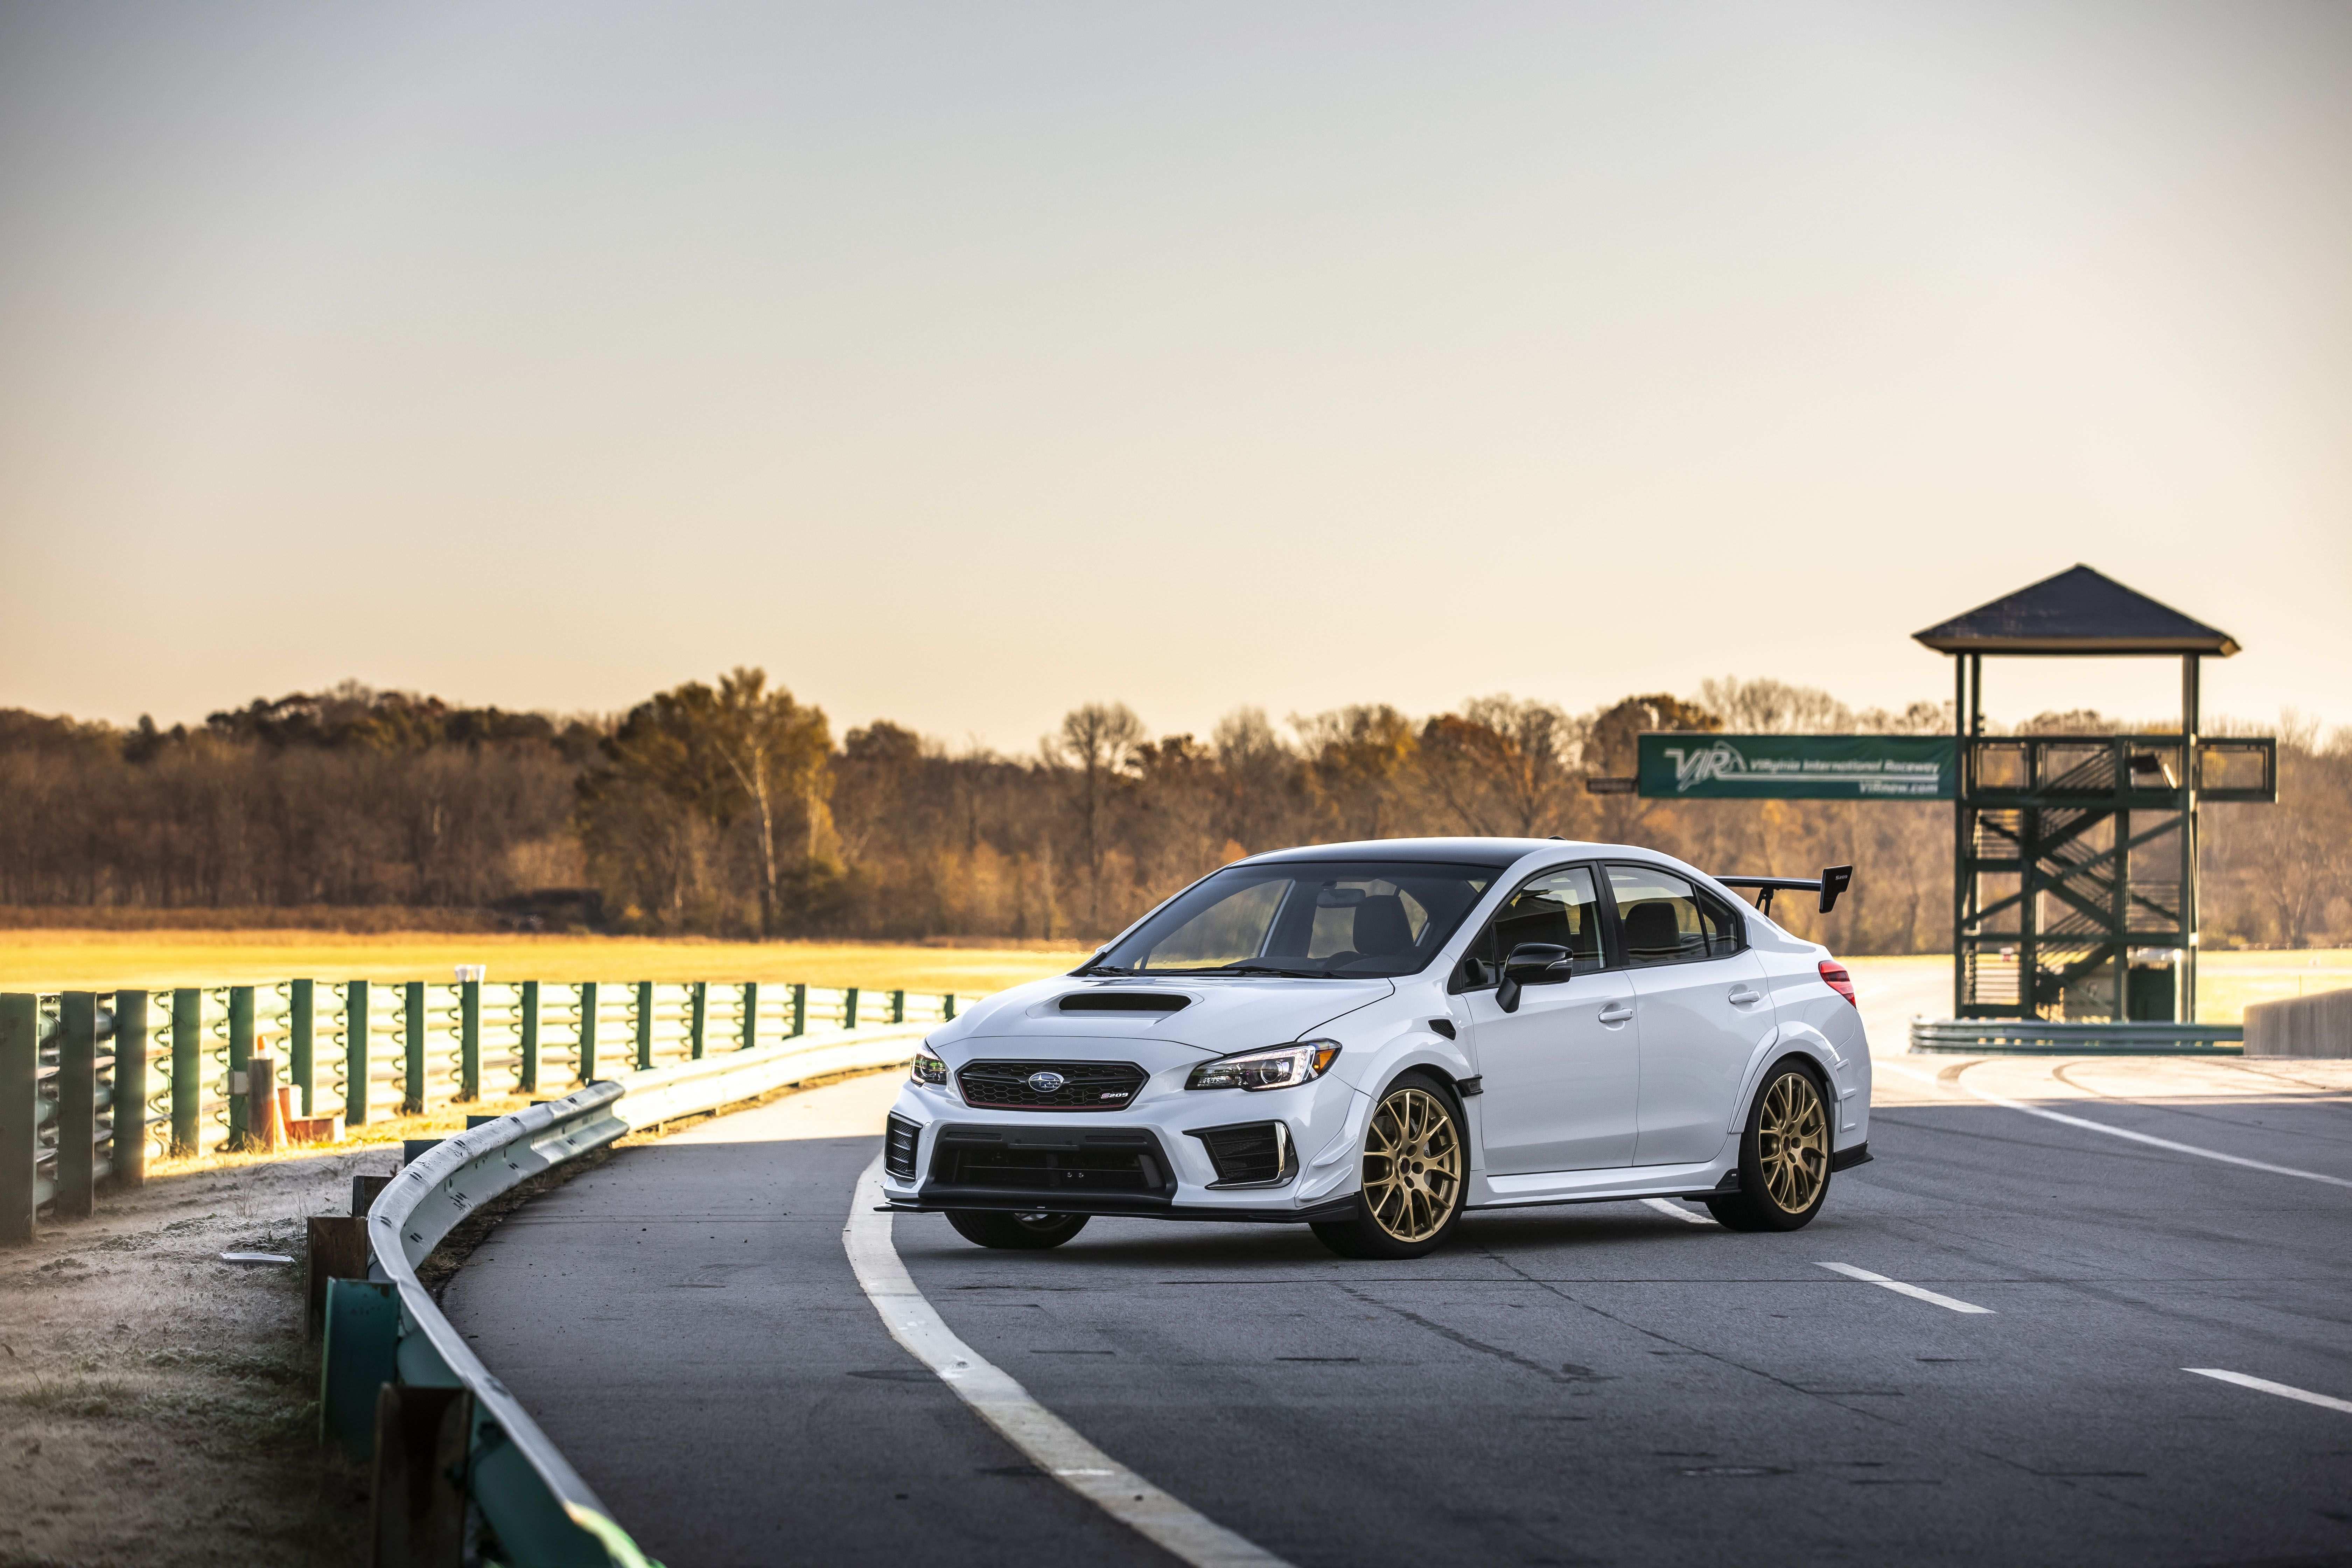 93 All New 2020 Subaru Wrx Sti Specs Picture for 2020 Subaru Wrx Sti Specs